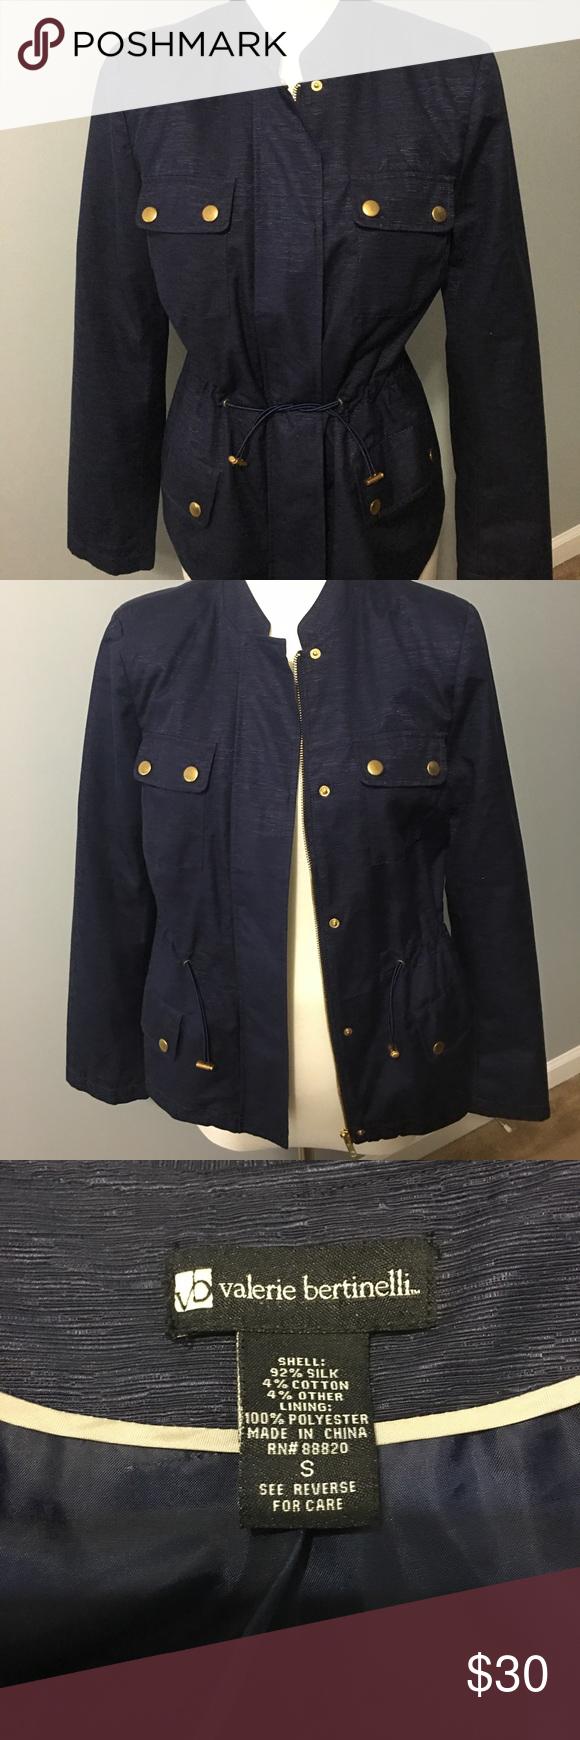 Valerie Bertinelli Jacket Valerie Bertinelli Jackets Jean Coat